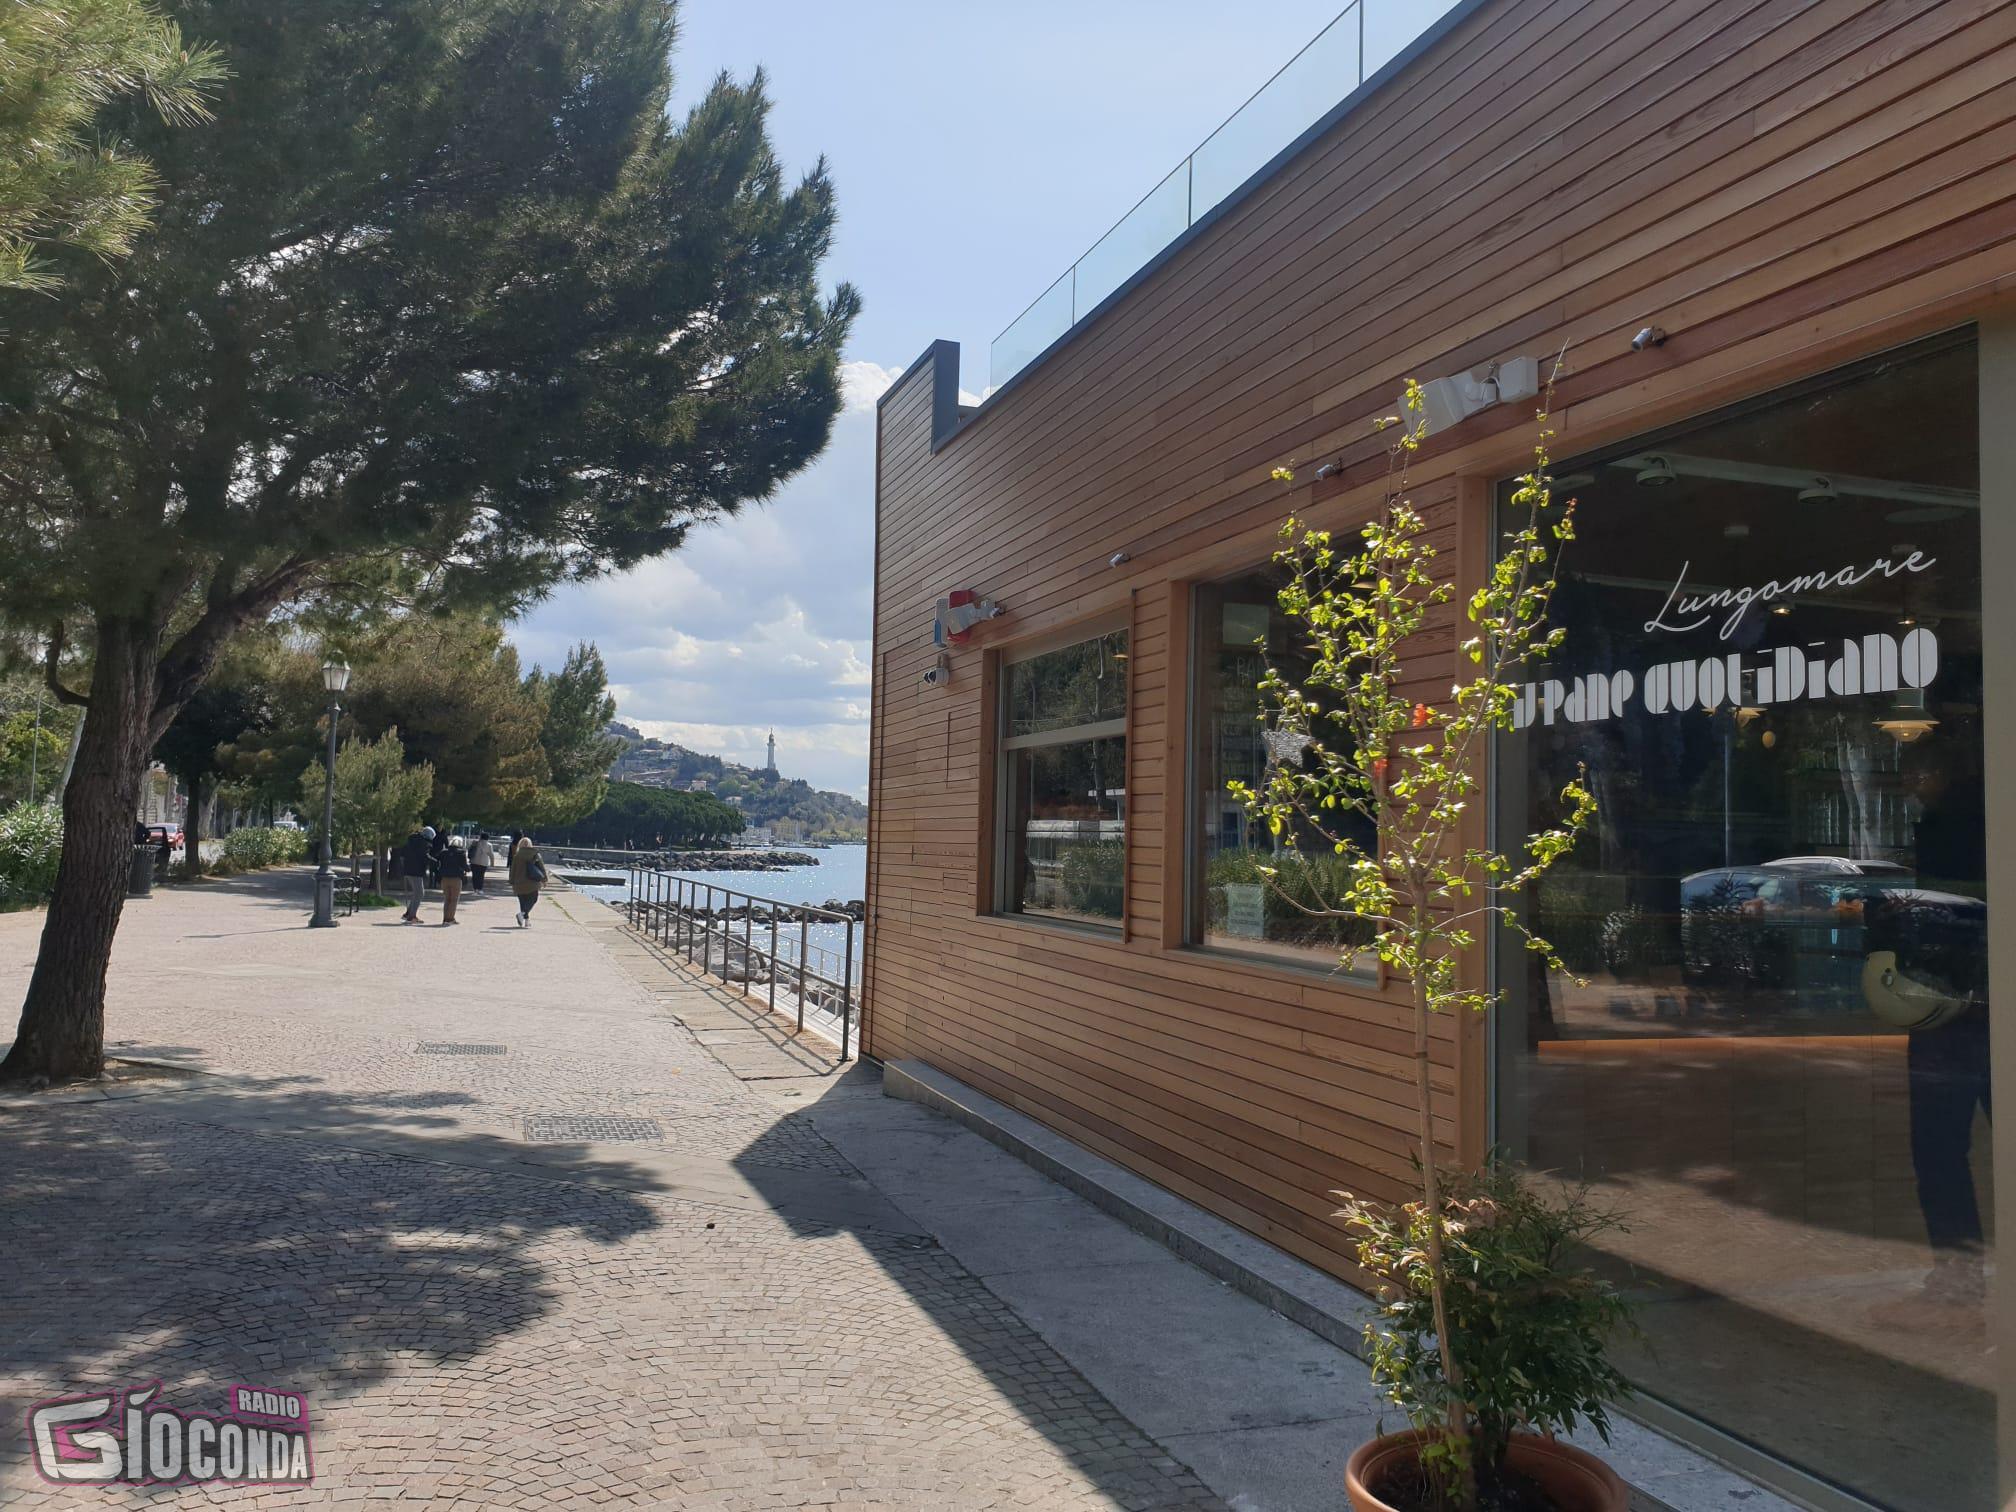 Confcommercio Fipe Udine: in programma un incontro in piazza a Roma per una data certa di riapertura 2021